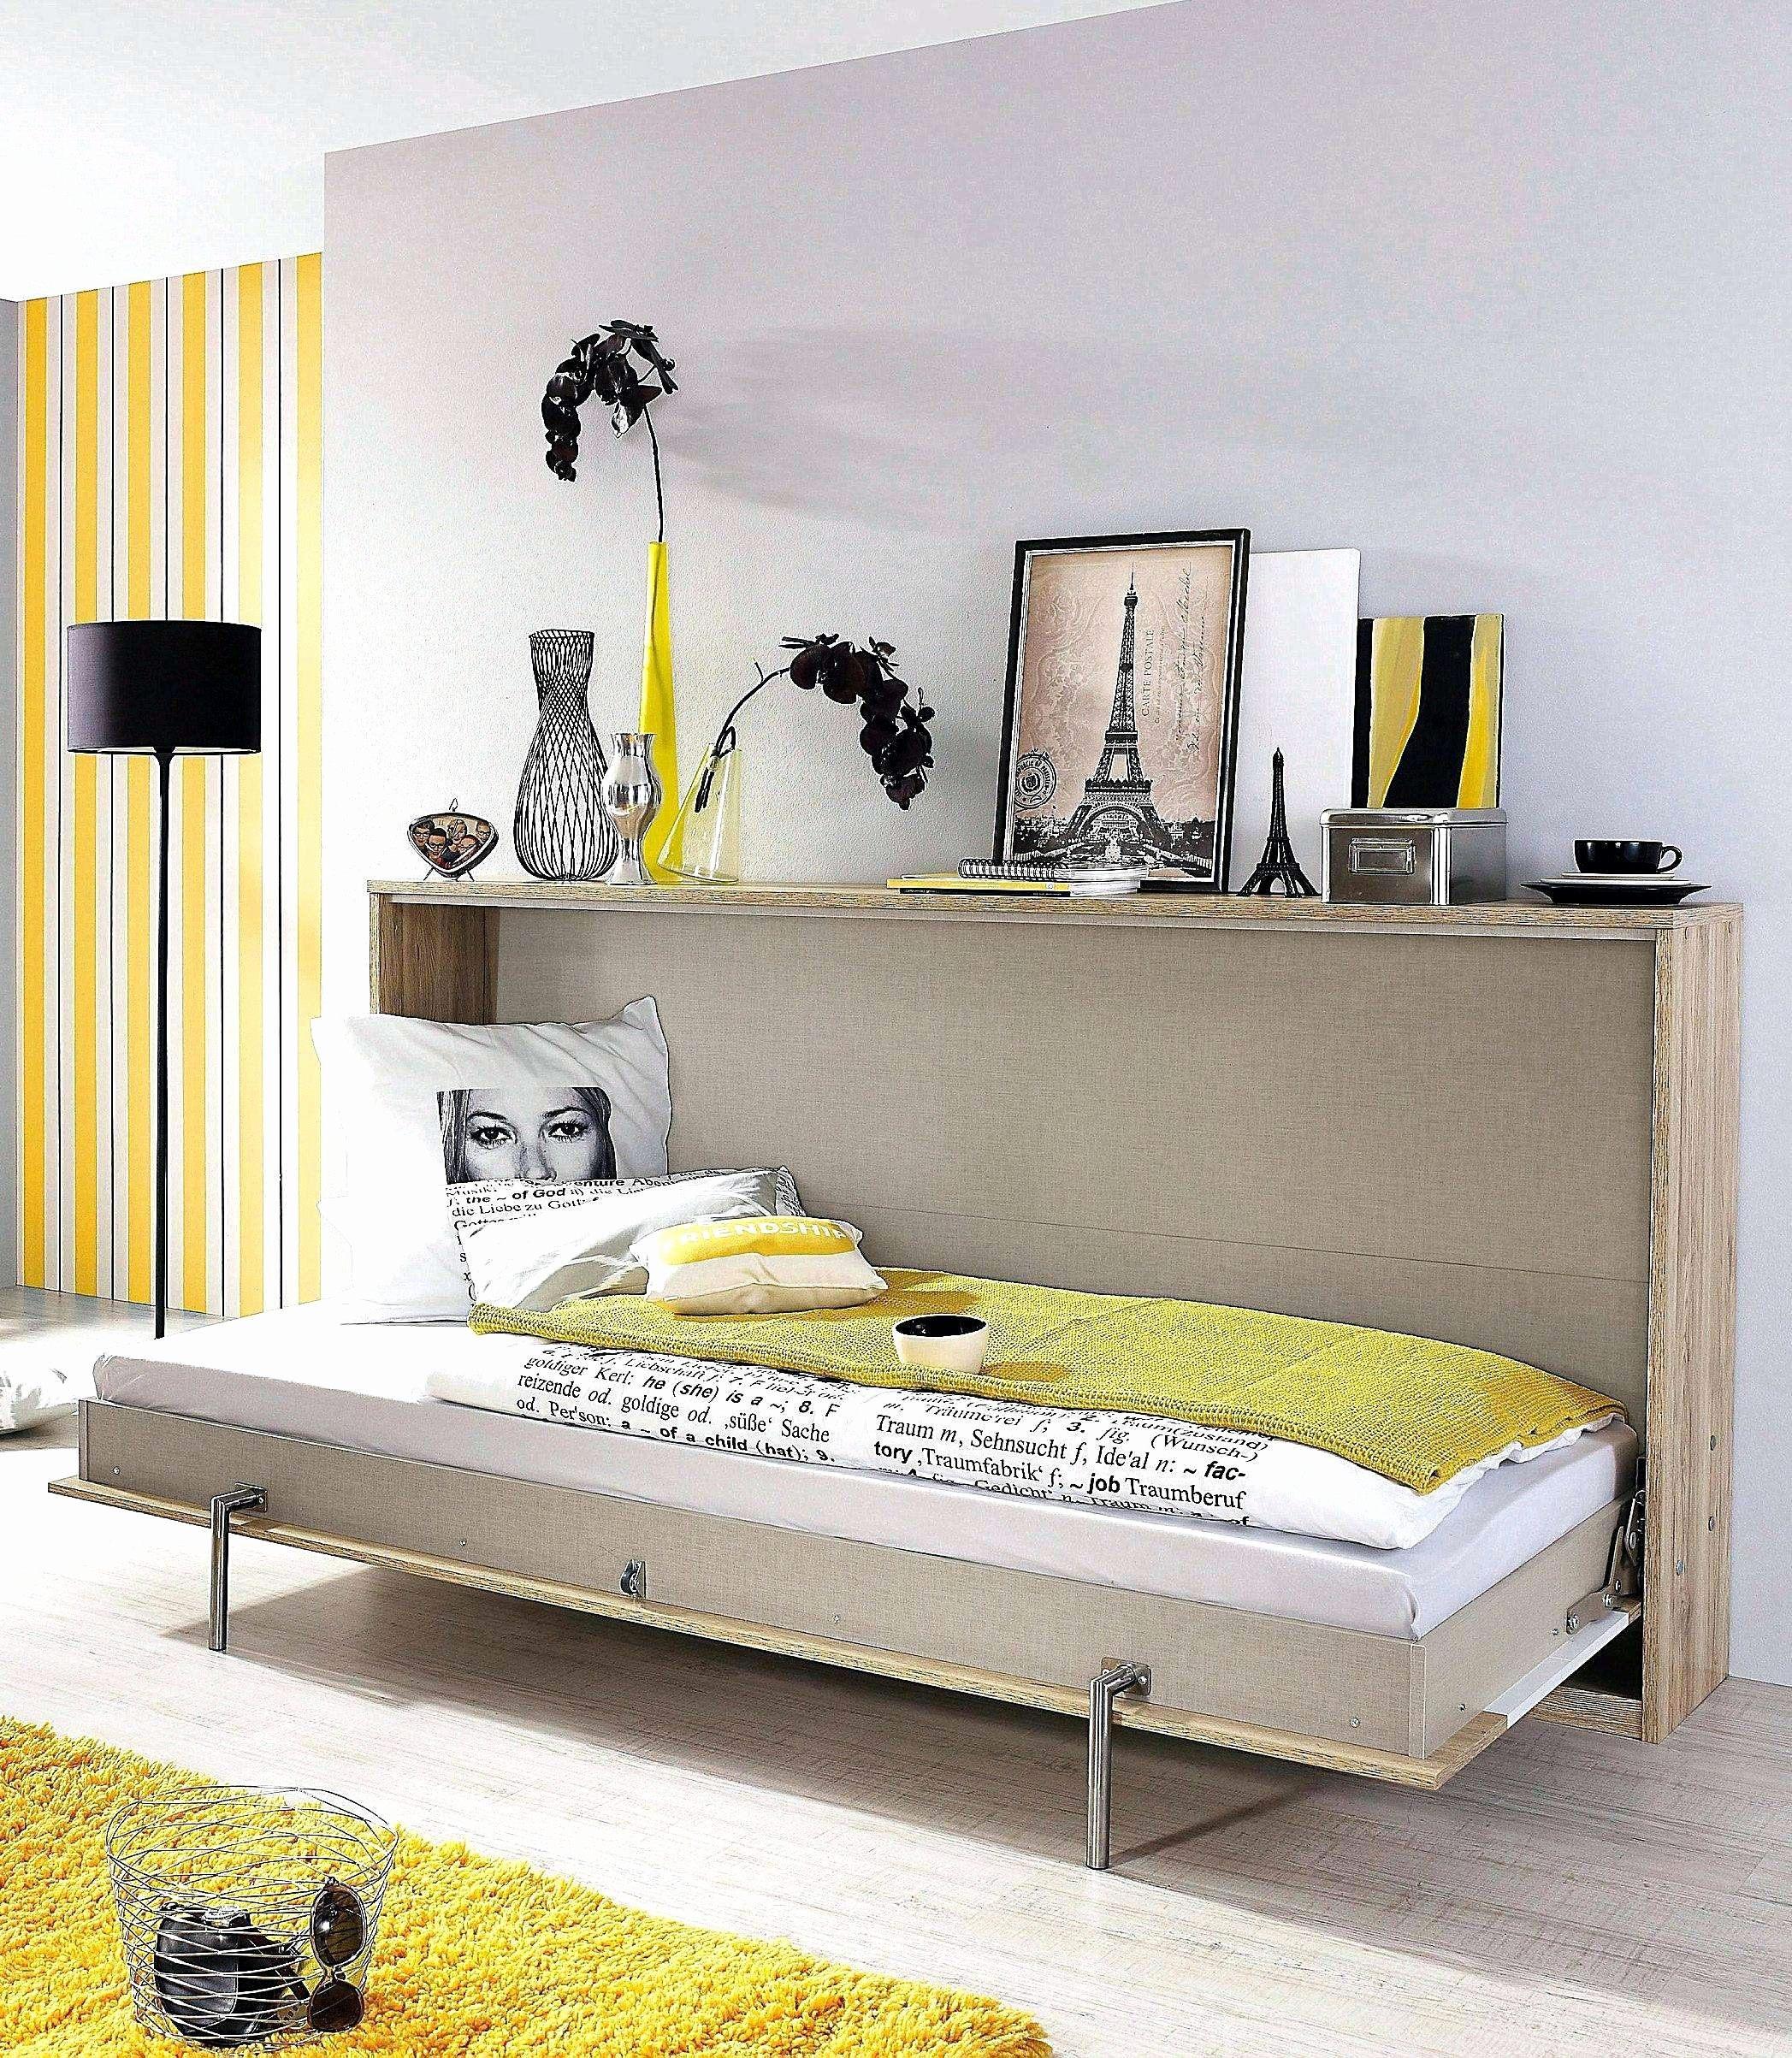 Ikea Lit Coffre 160 Nouveau Lit Coffre Blanc 160—200 Meilleur De Mode Ikea Blanche Frais Lit